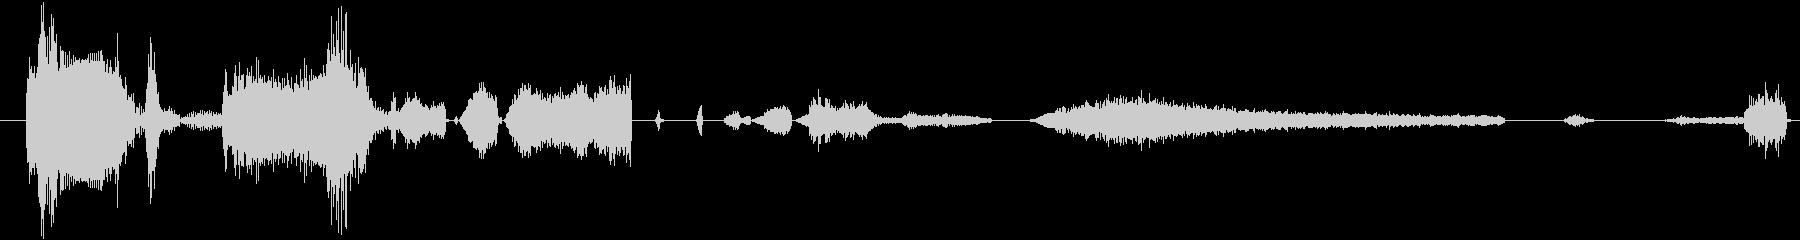 イメージ 言葉のノイズ02の未再生の波形